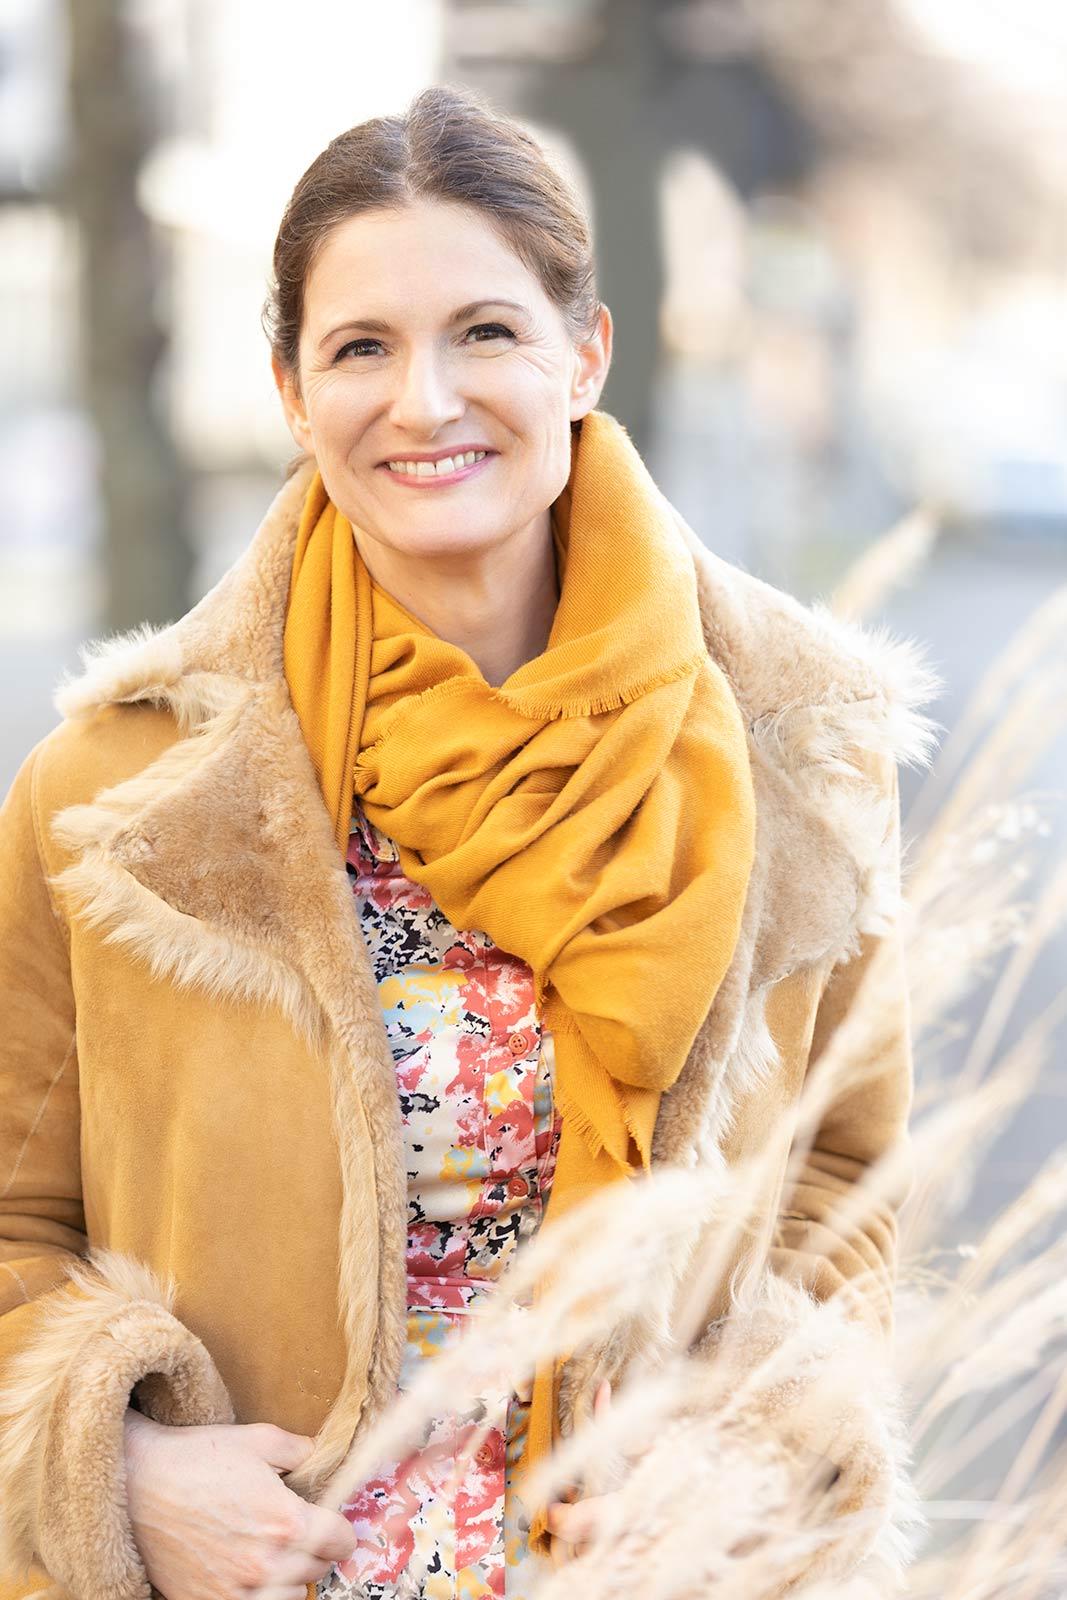 Dating-Foto einer sympathischen braunharigen Frau mit hellbraunem Ledermantel und gelbem Schal